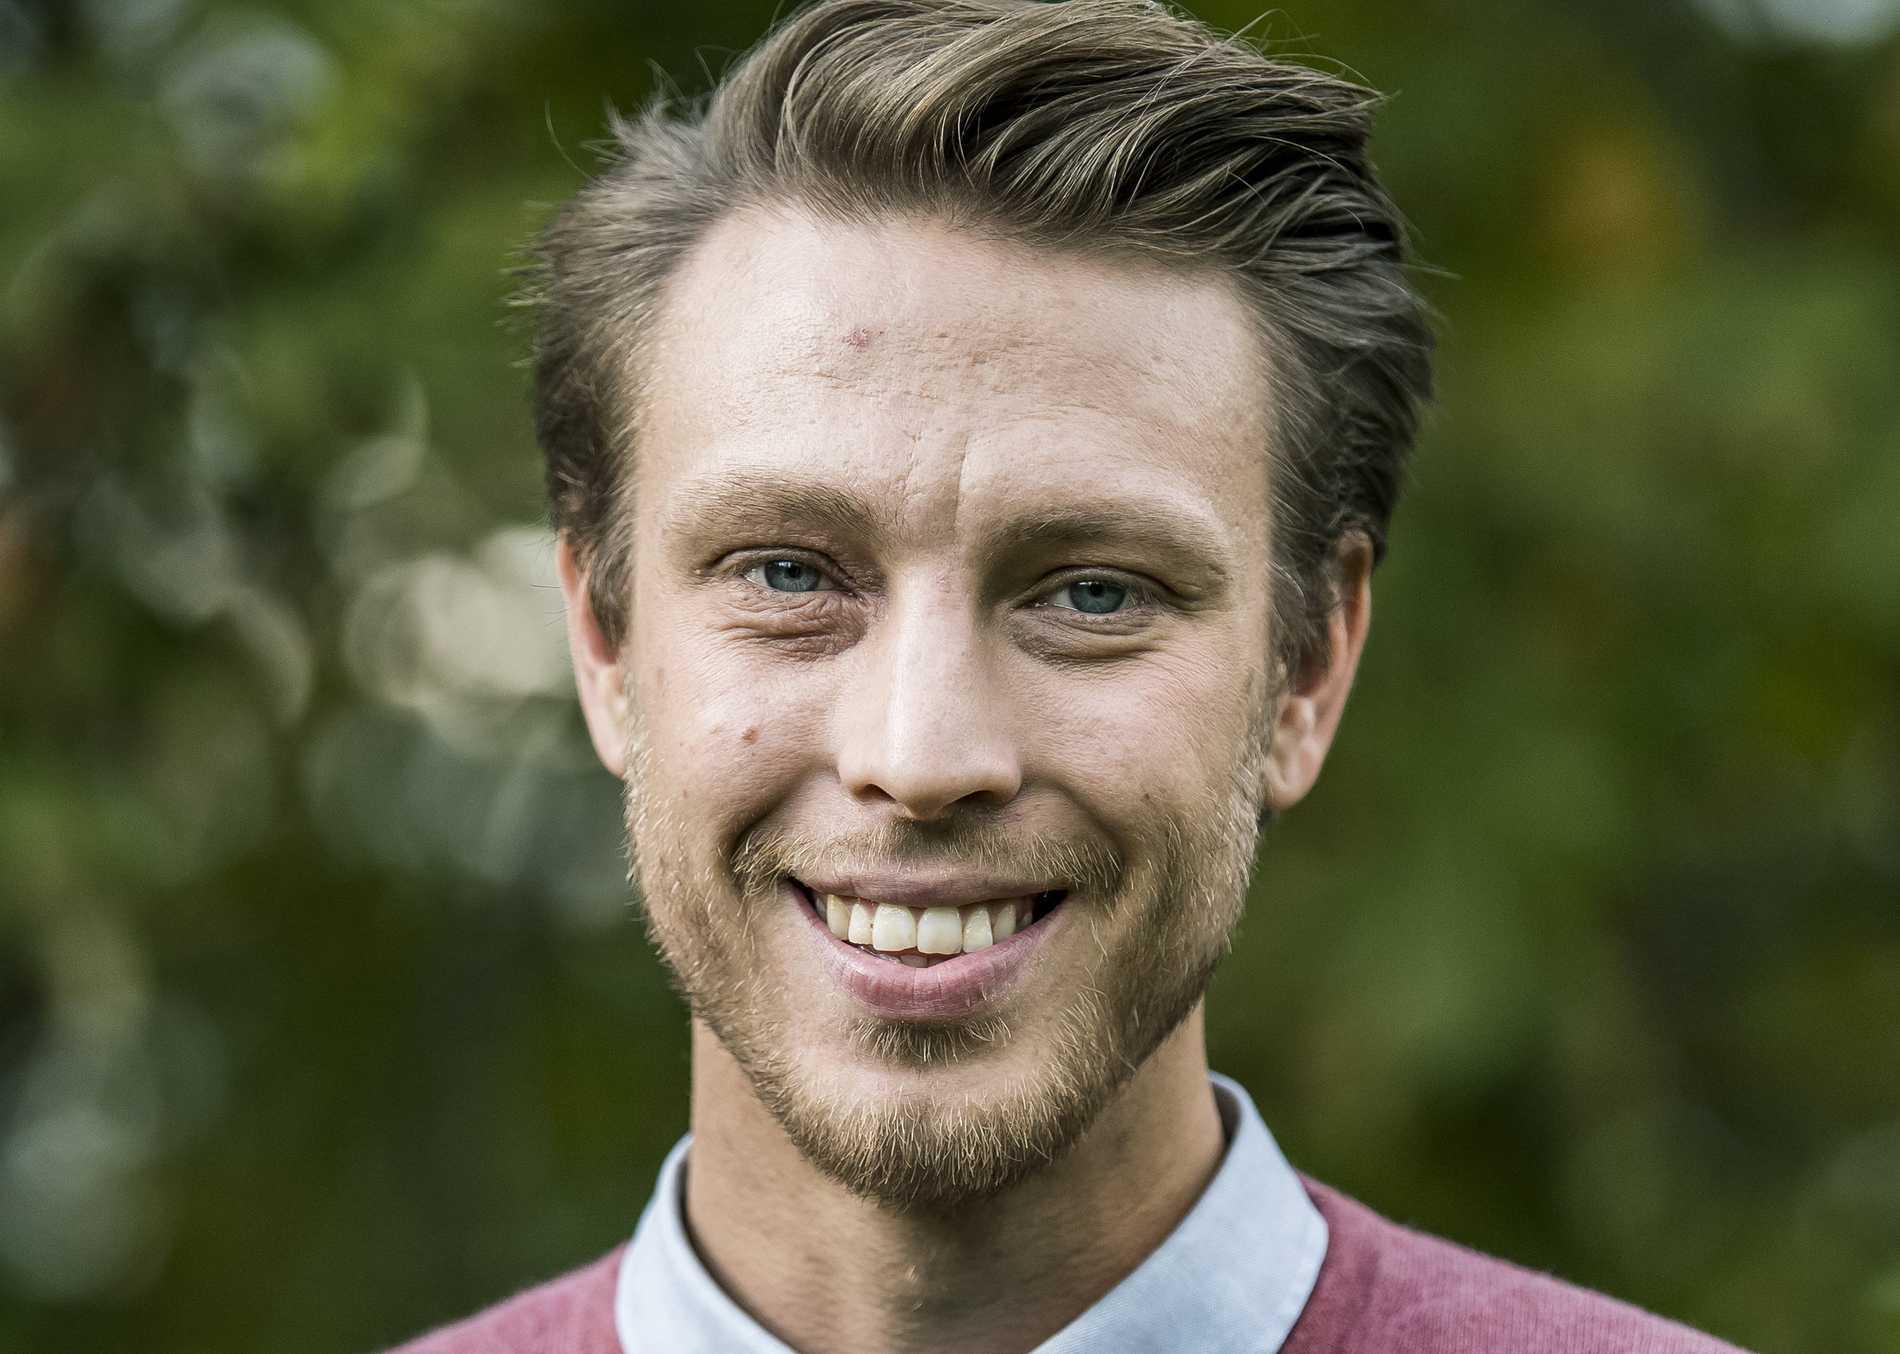 """Pelle Hansson Edh strax efter inspelningarna i """"Bonde söker fru"""", innan viktraset."""